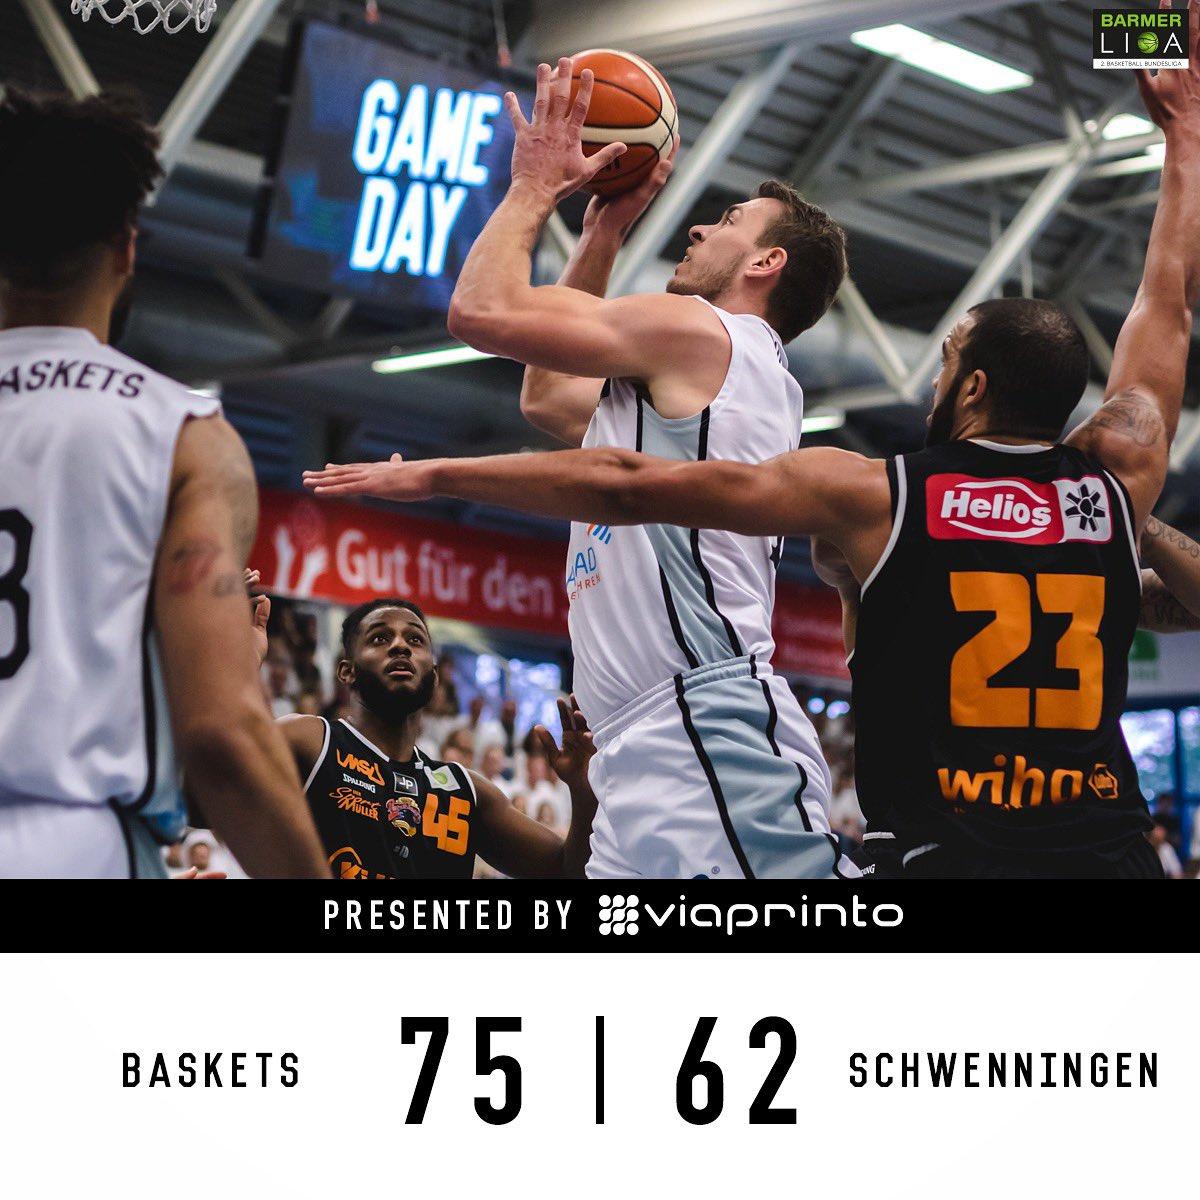 WWU Baskets on Twitter: